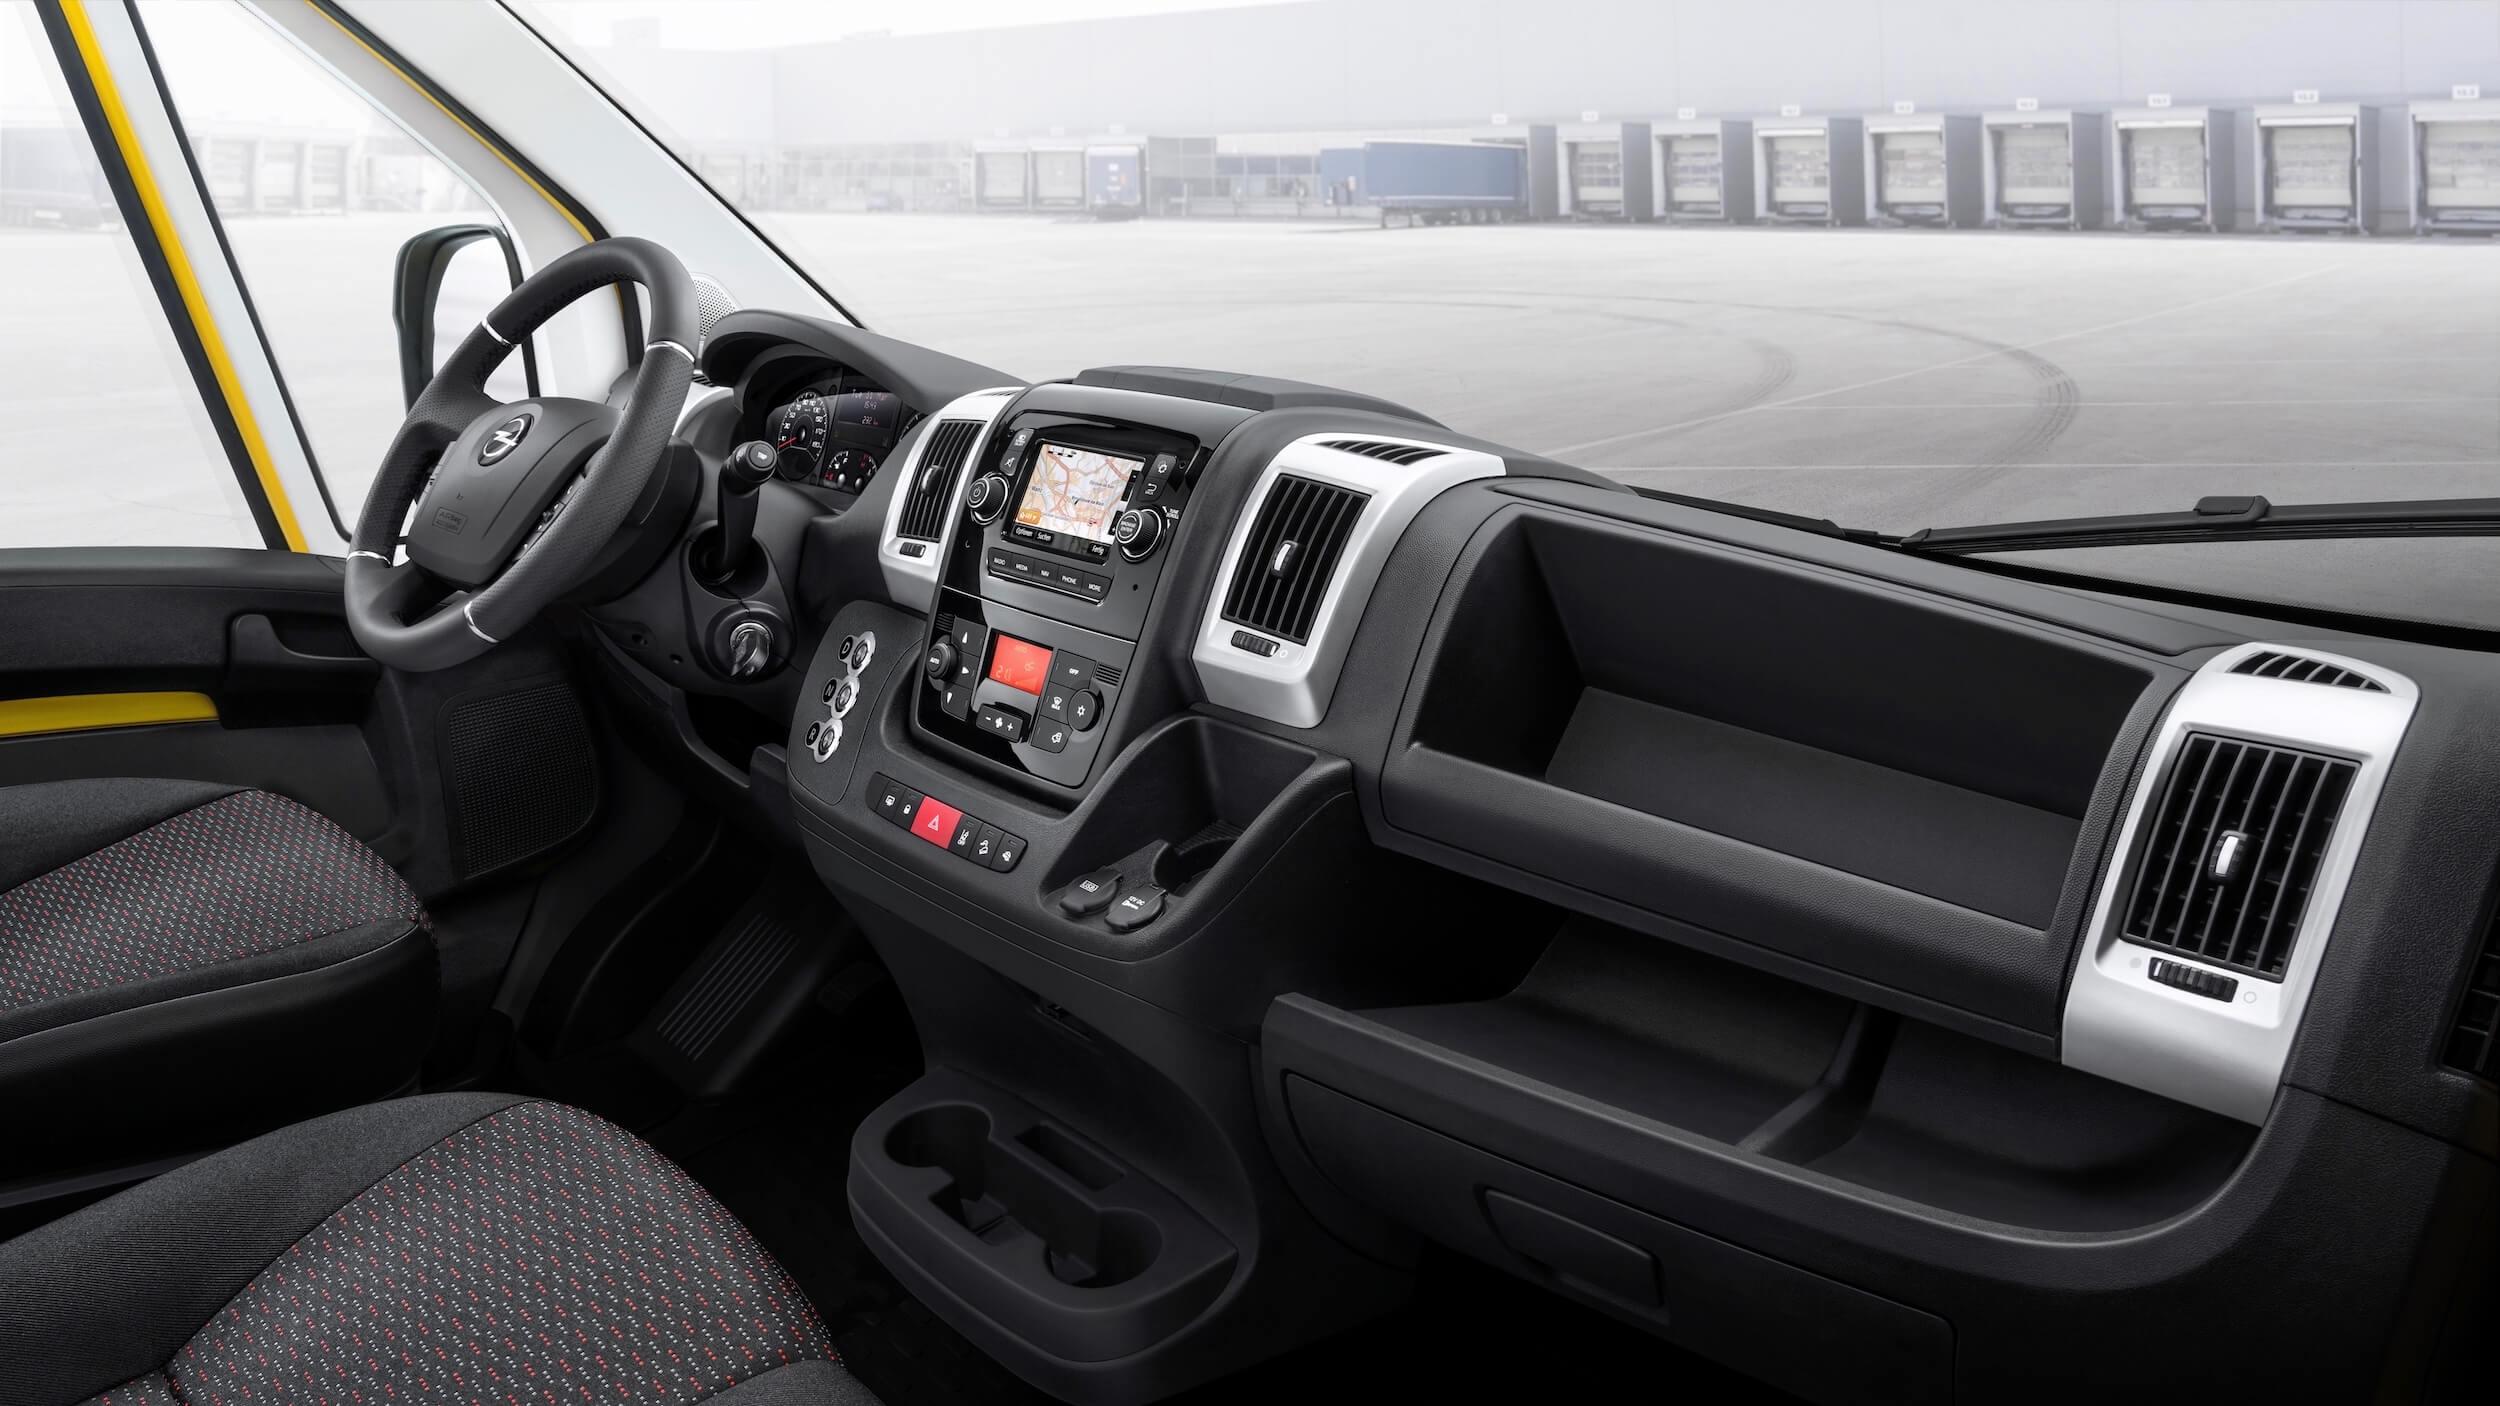 Opel Movano e 6